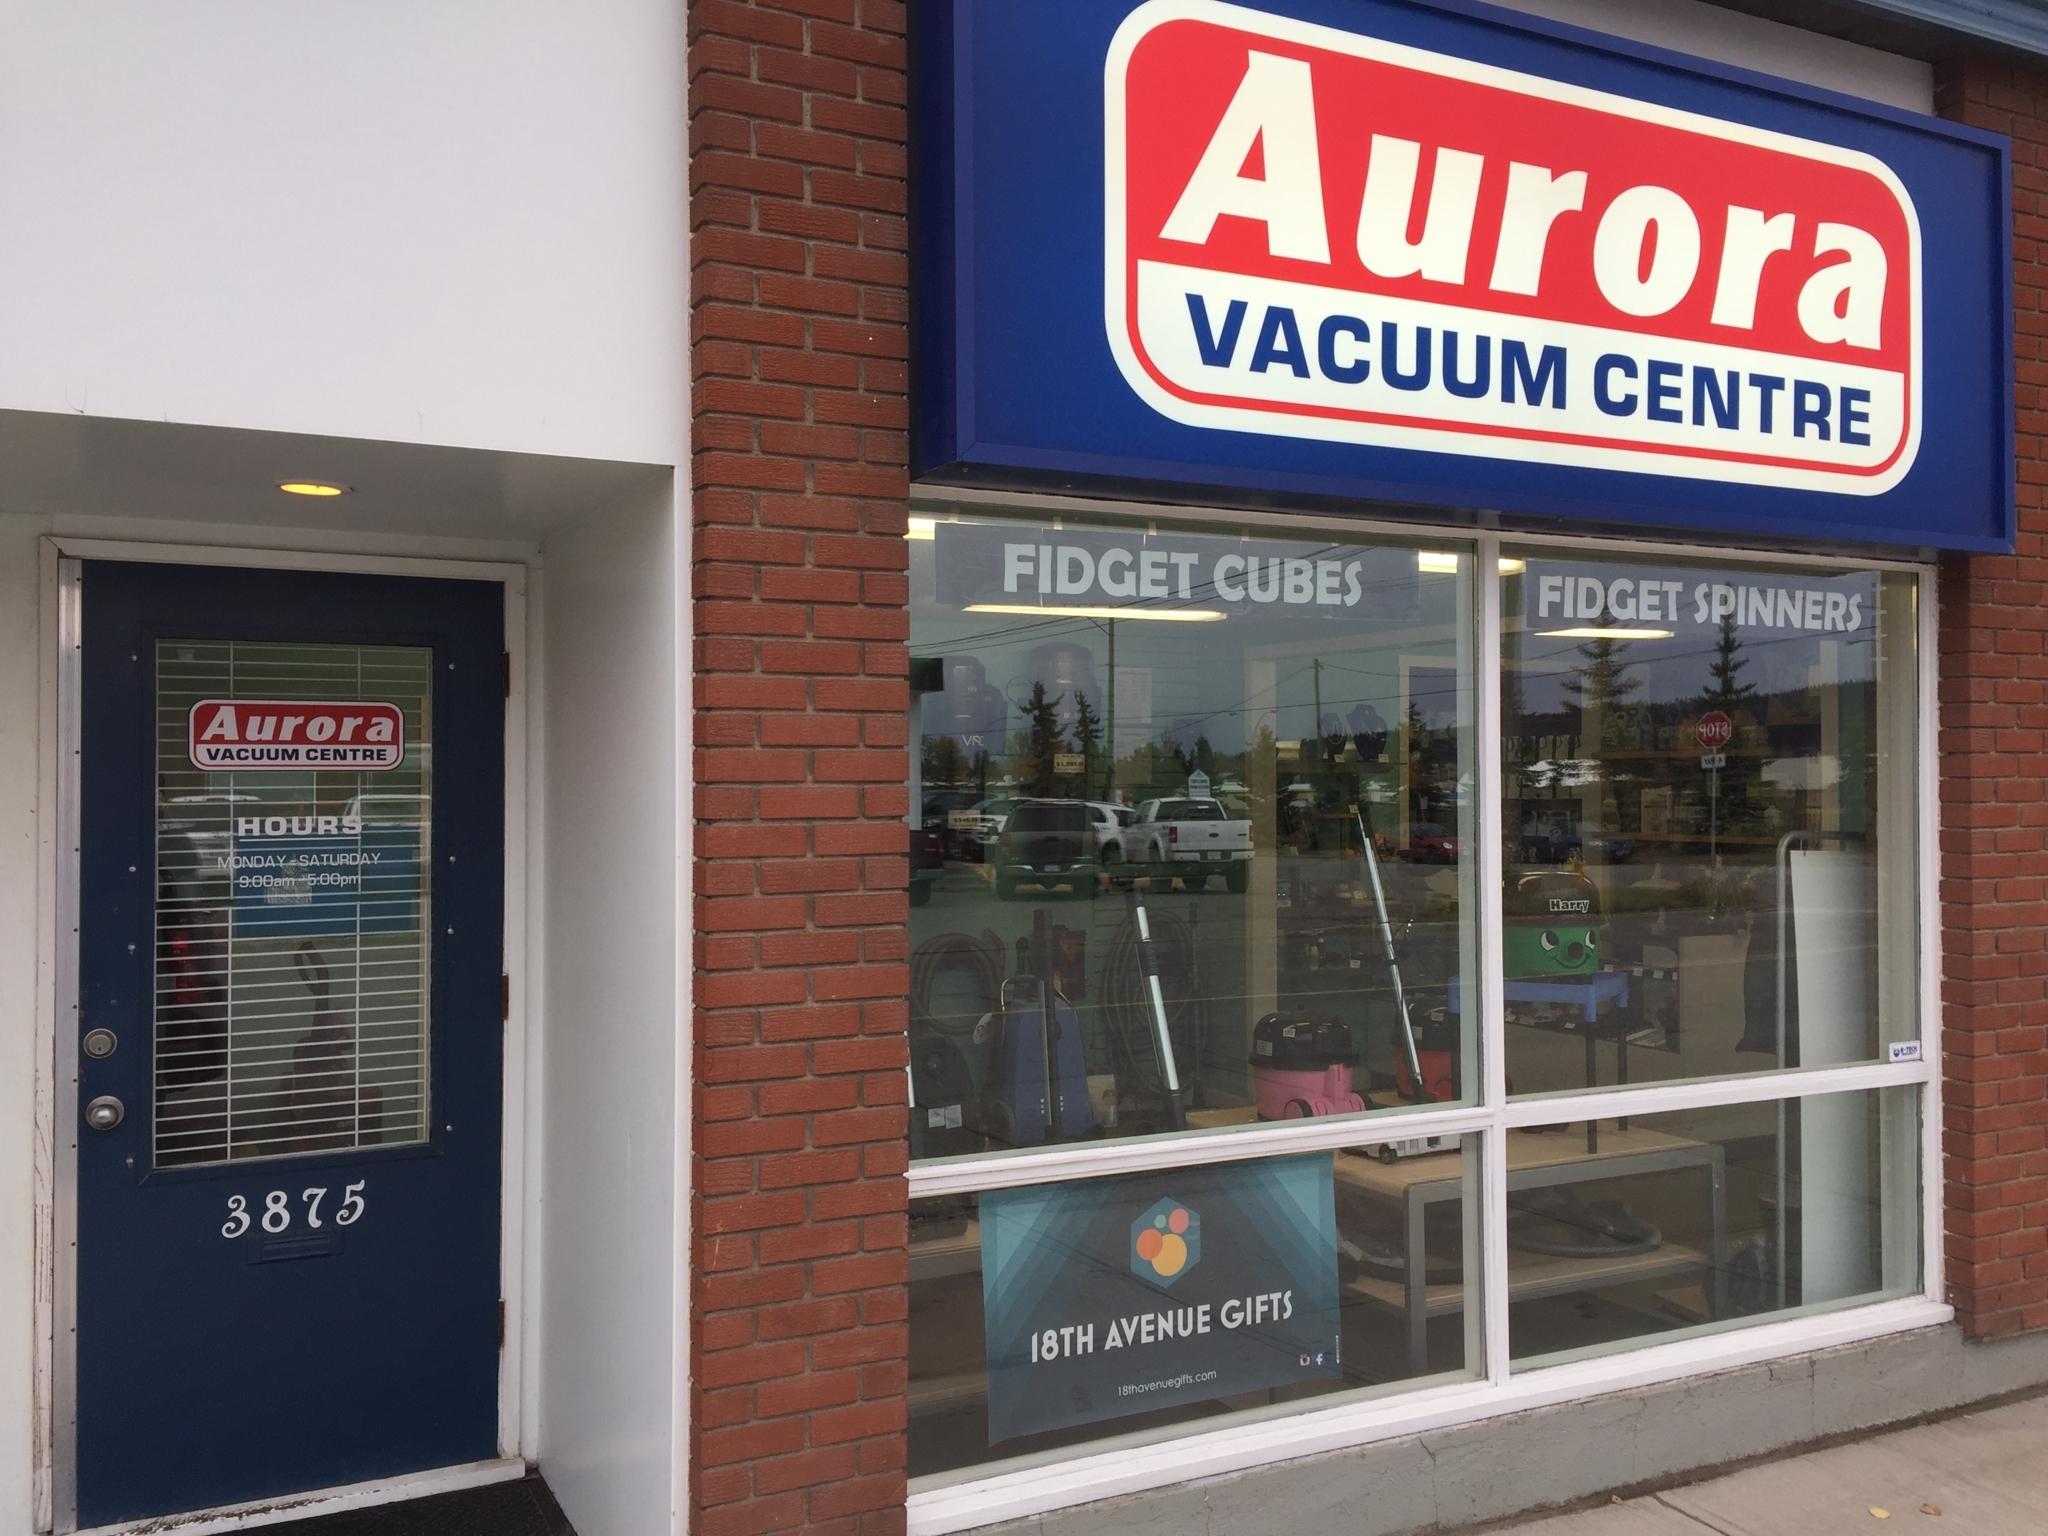 Aurora Vacuum Centre in Prince George